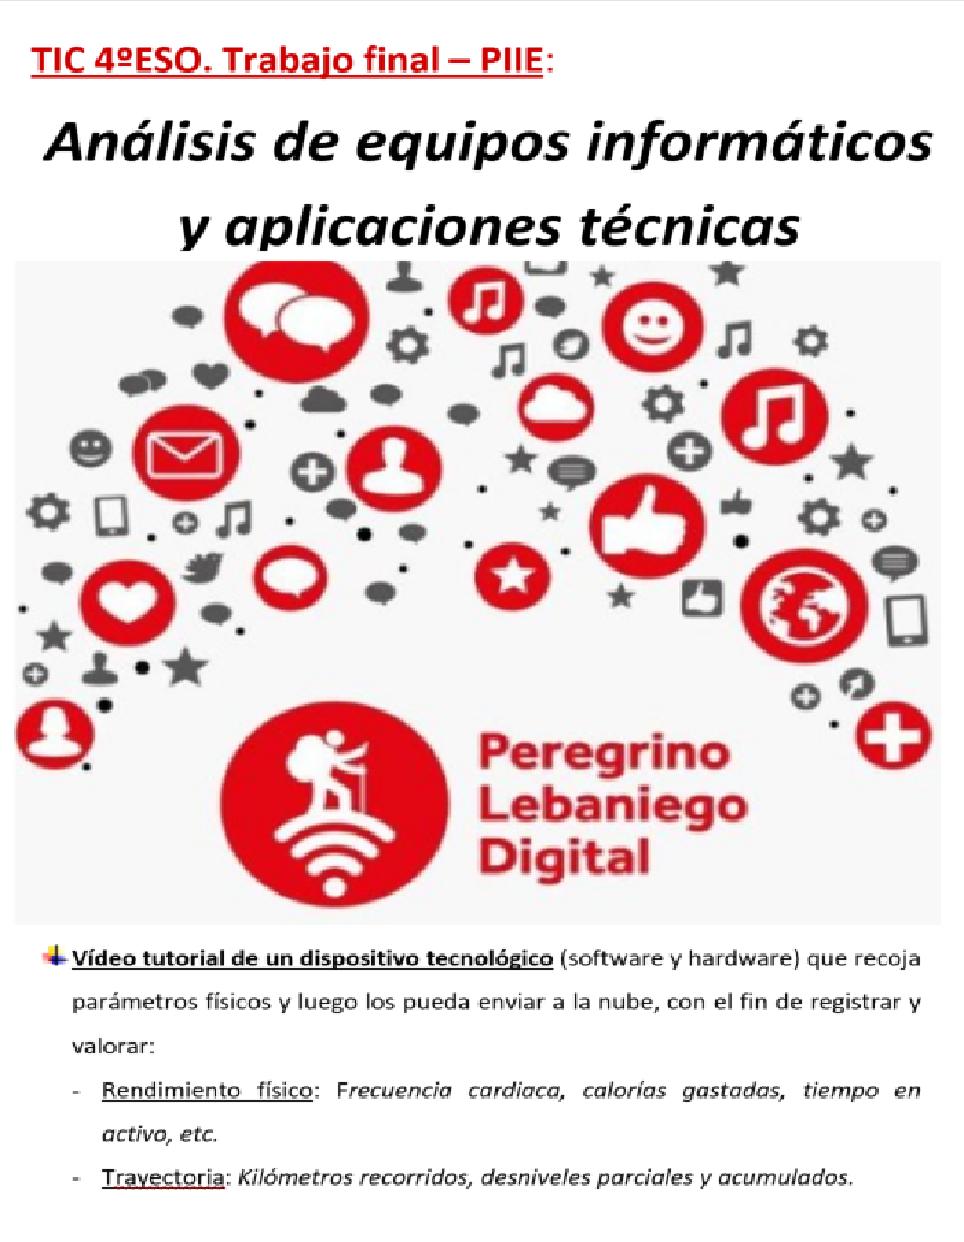 TID 4ºESO: Análisis de equipos informáticos y aplicacionestécnicas.